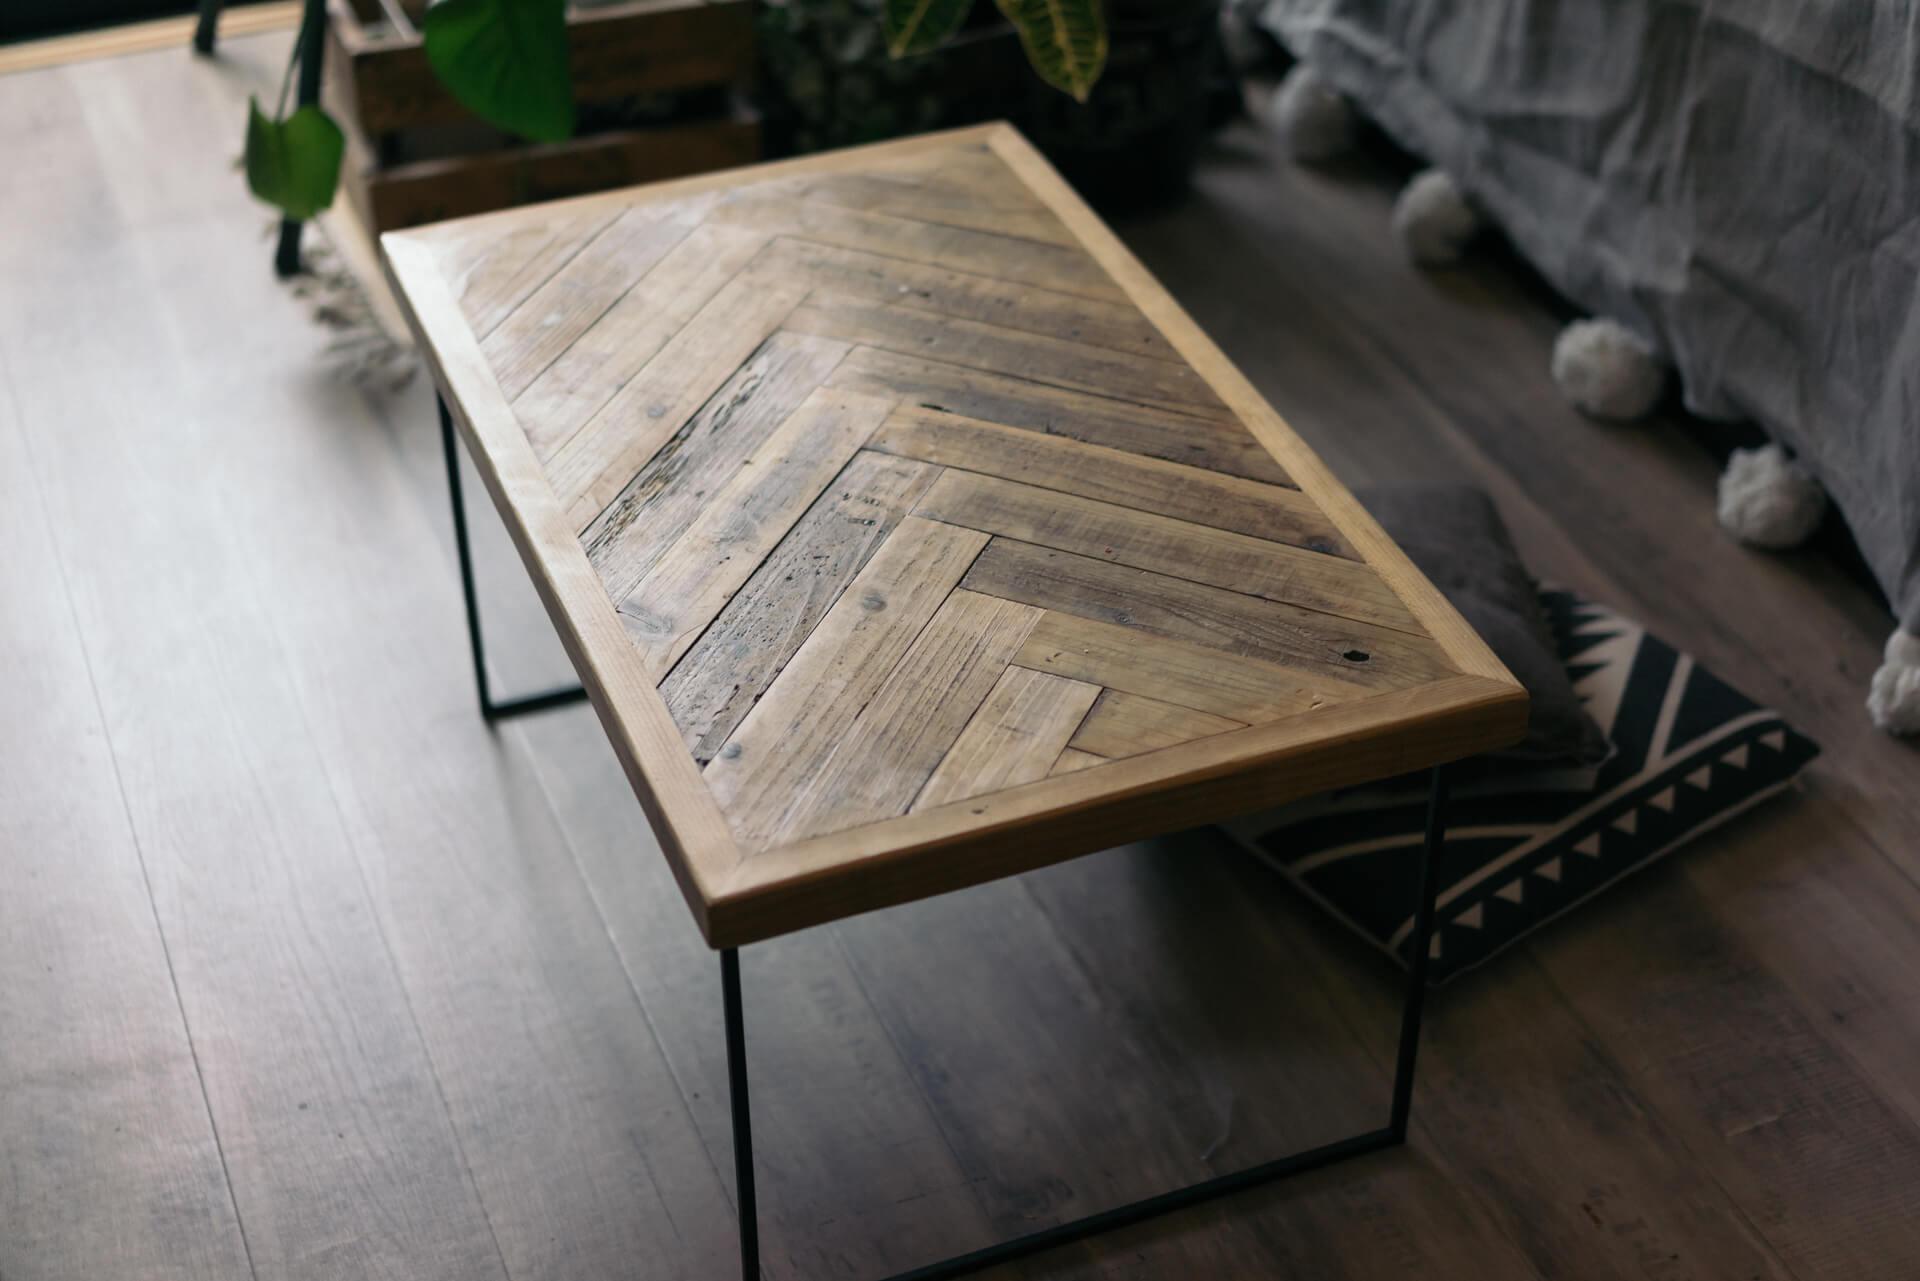 ヘリンボーンの木目が可愛いローテーブルは、Instagramで見つけた家具屋さんTHE DAY STACKでオーダーしたもの(このお部屋はこちら)